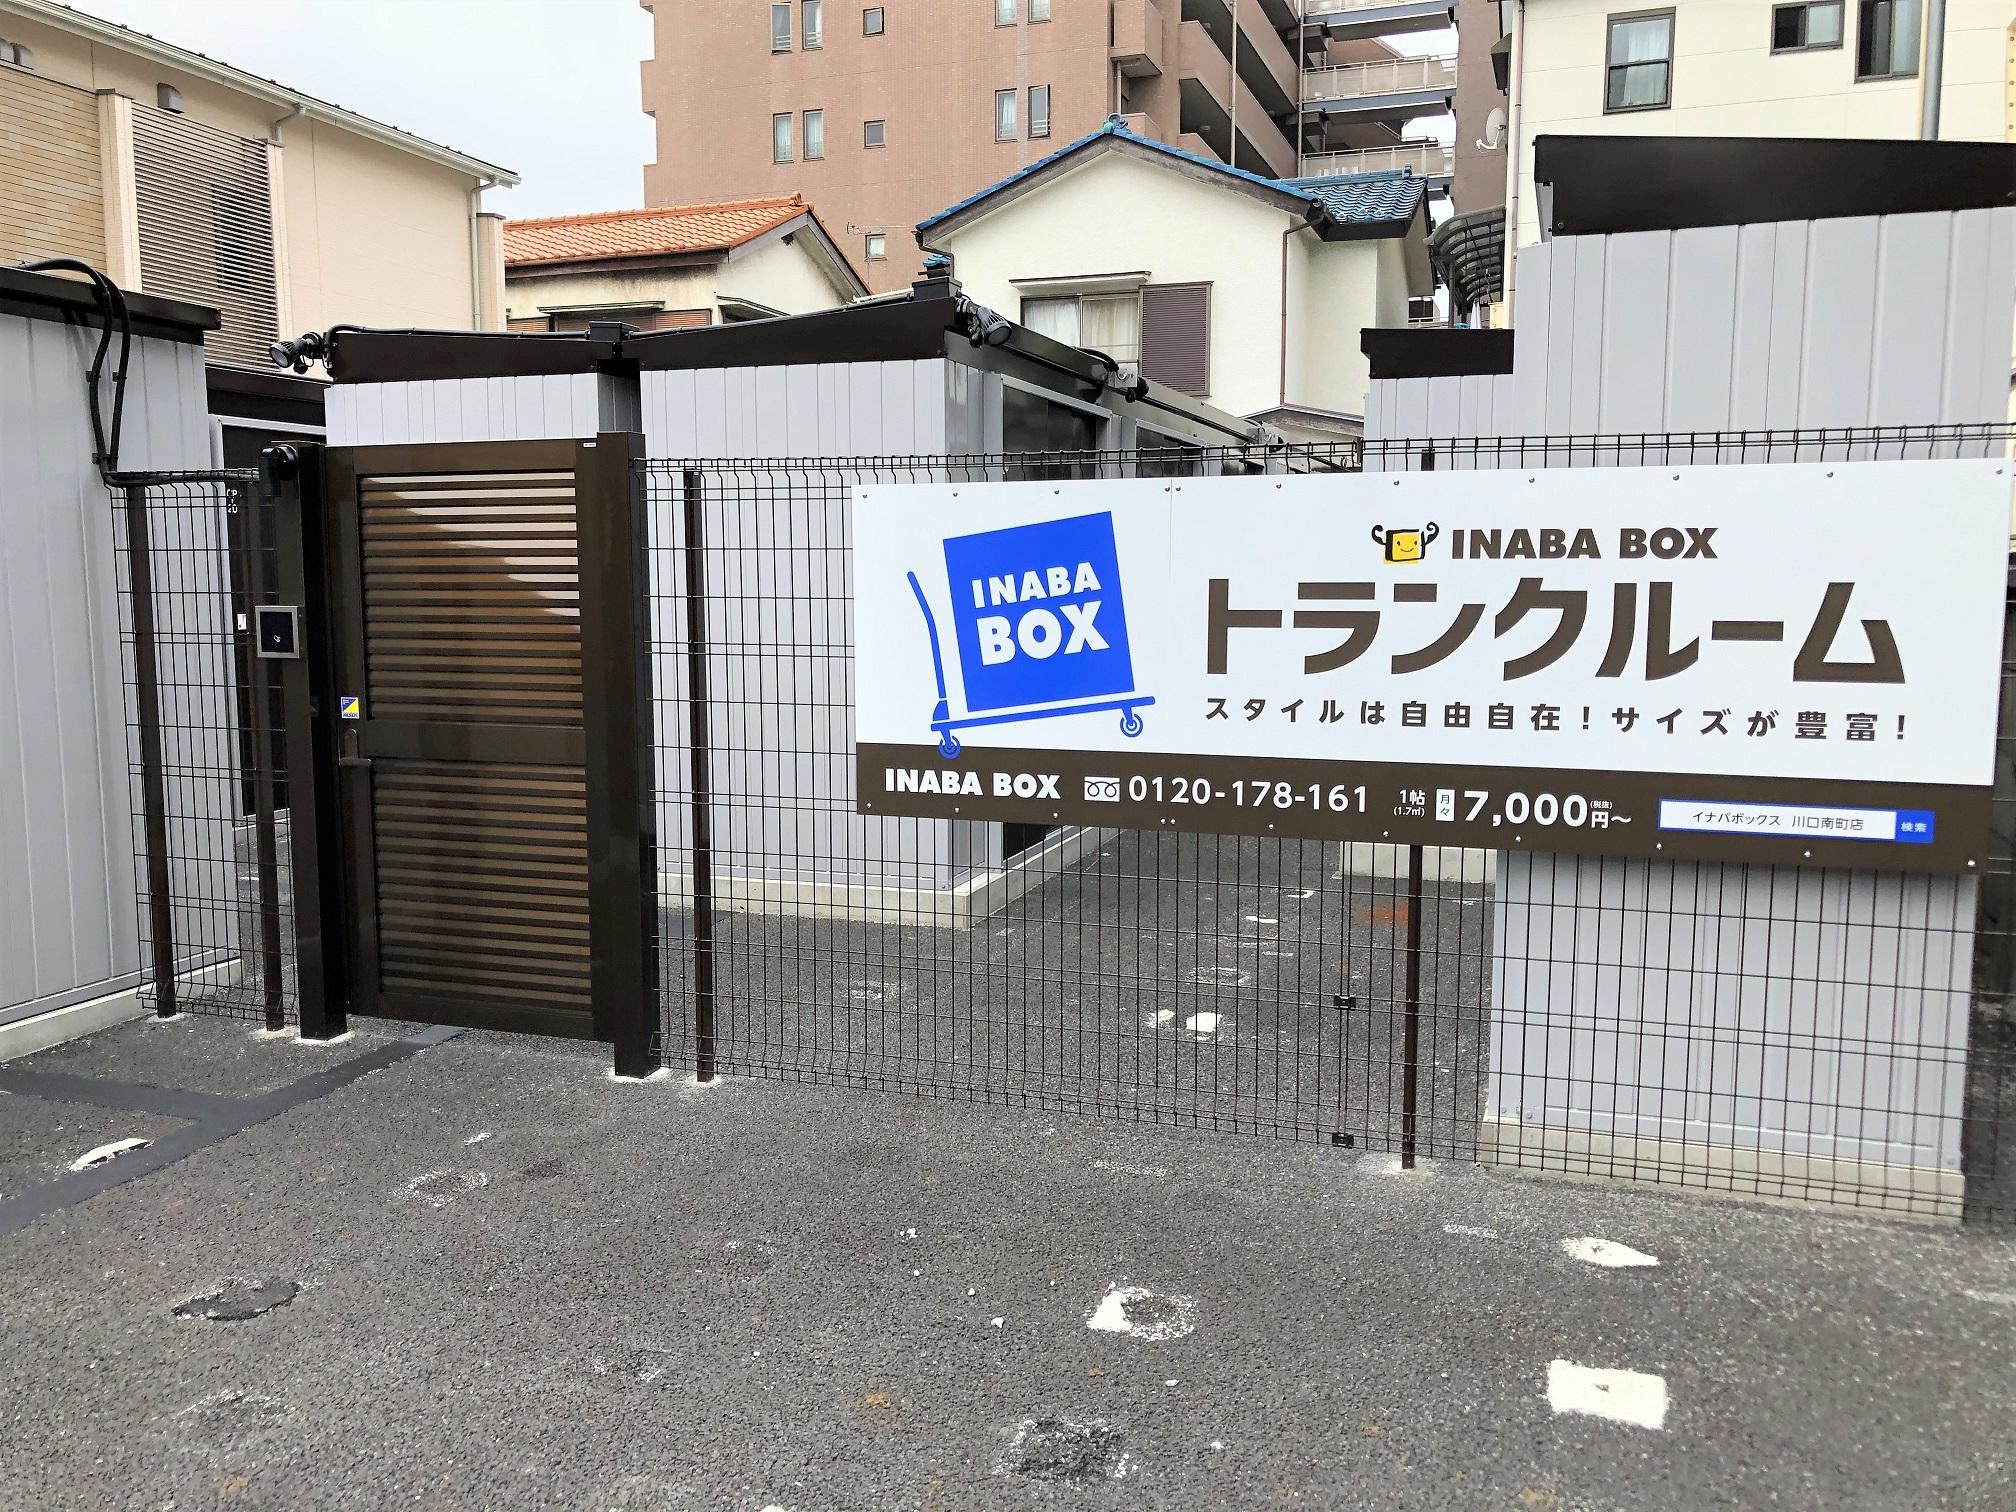 【6月1日新規OPEN】川口南町店 物置エリアは門扉前に広い駐車スペースをご用意しております。